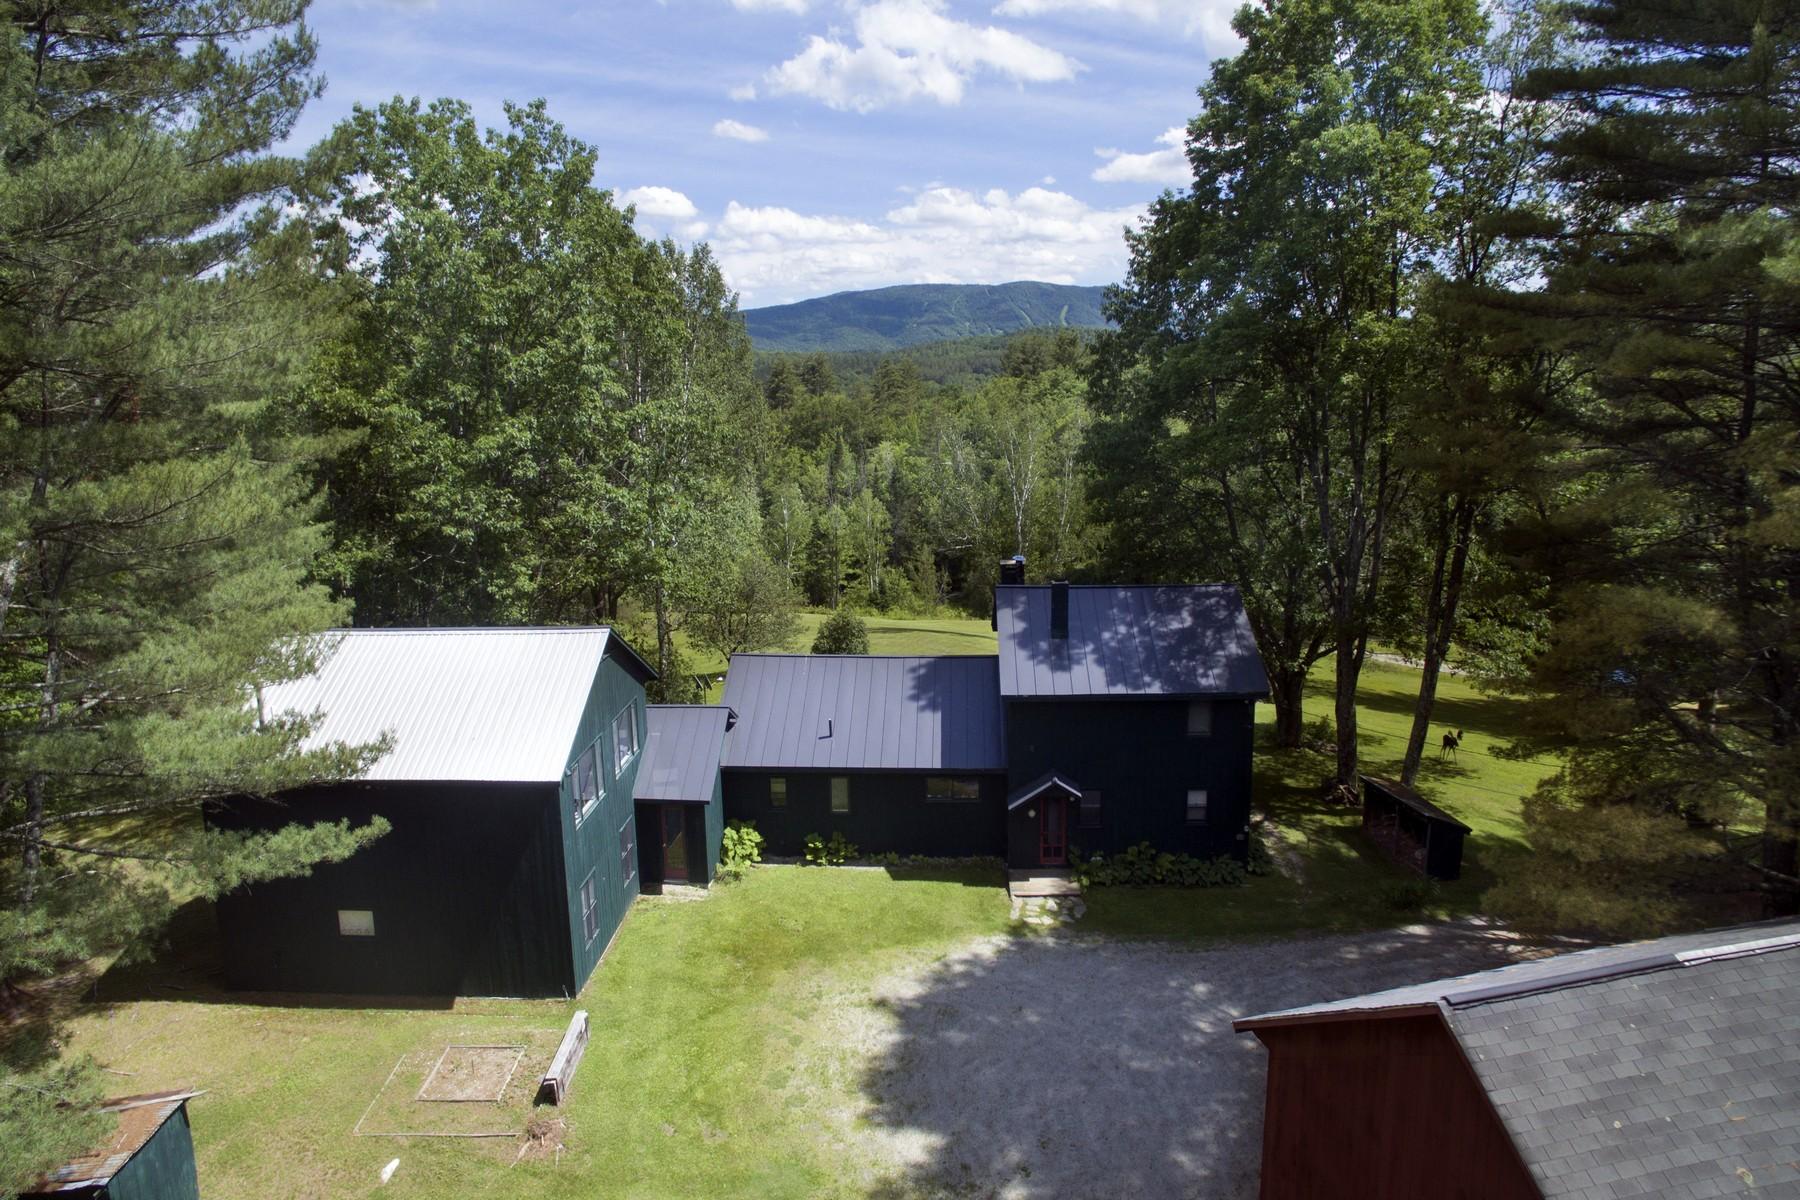 独户住宅 为 销售 在 Weston Country Property 2 Route 100, 韦斯顿, 佛蒙特州, 05161 美国